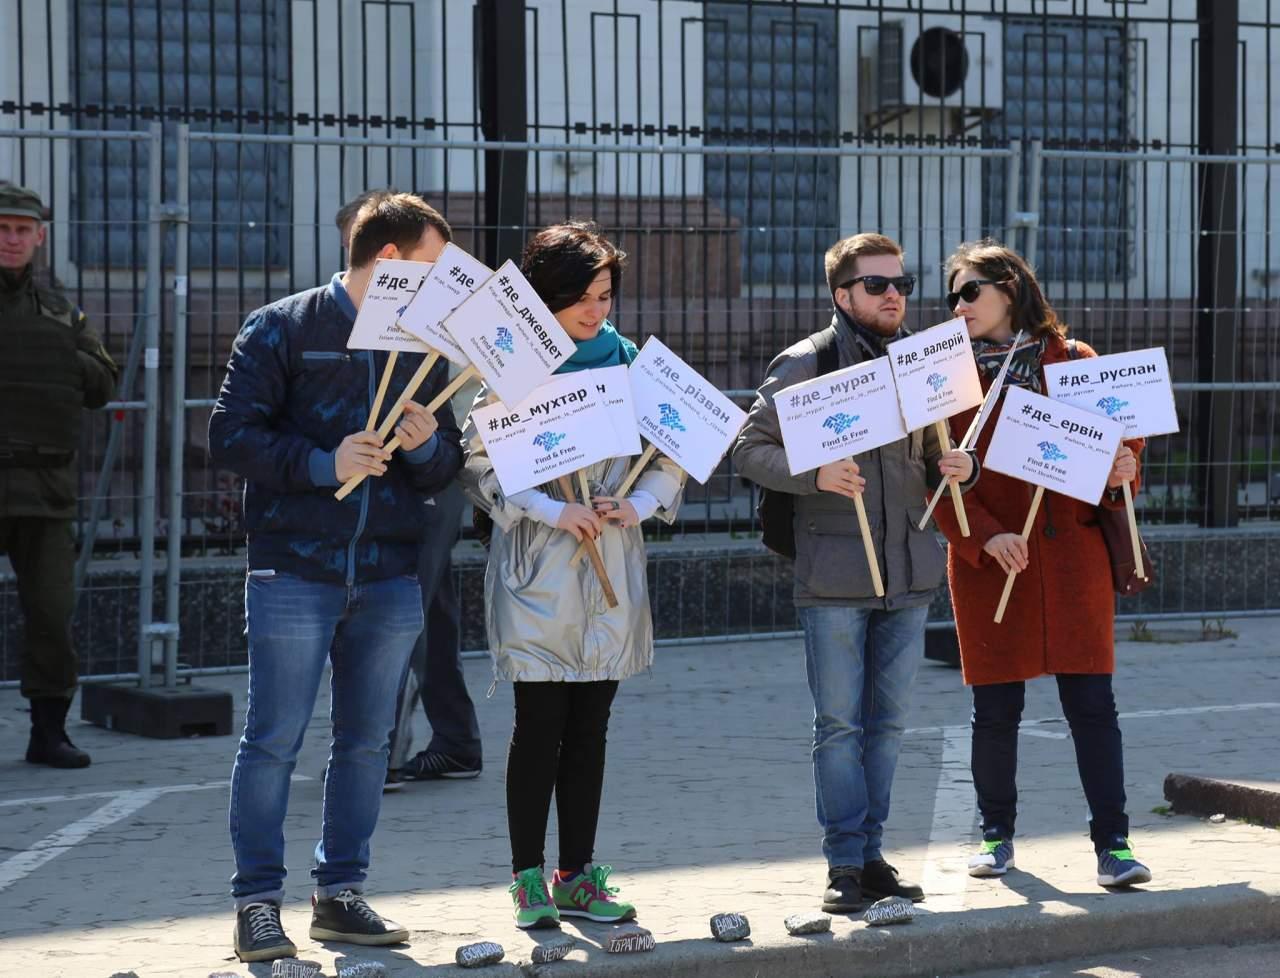 Пропасть с исчезнувшими активистами: в Киеве провели символическую акцию (фото)